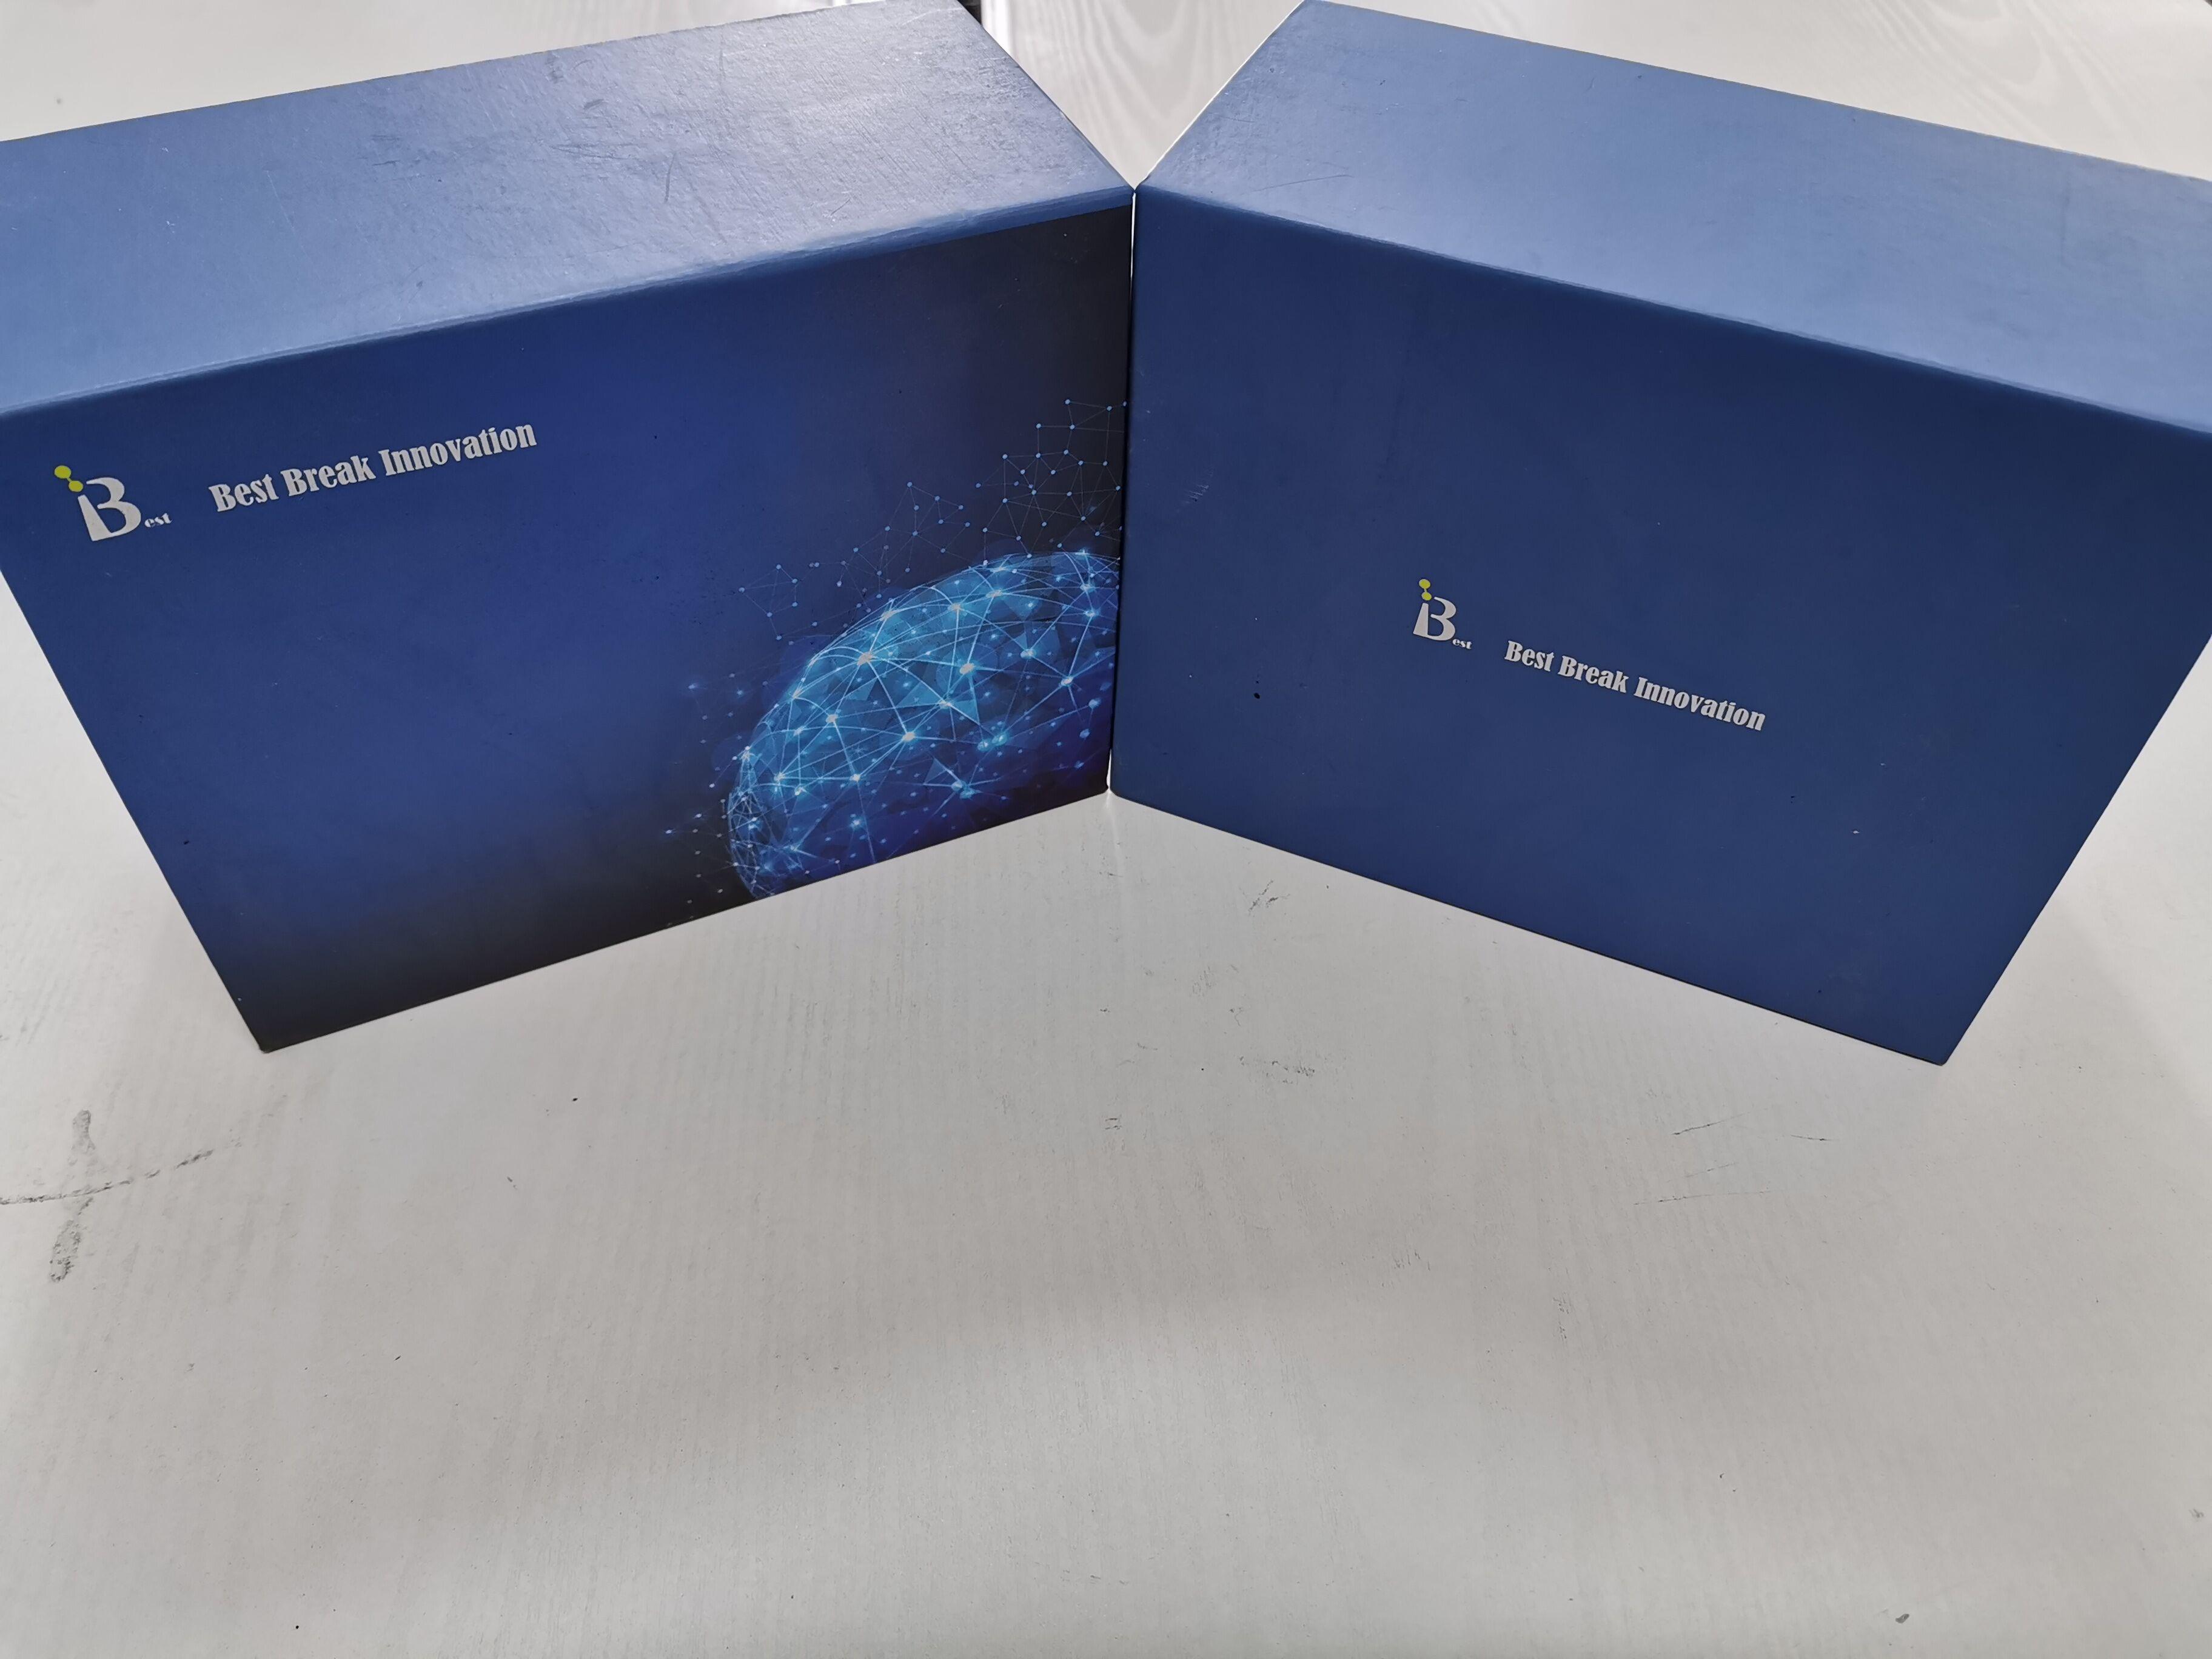 豚鼠肌酸激酶酶联免疫试剂盒